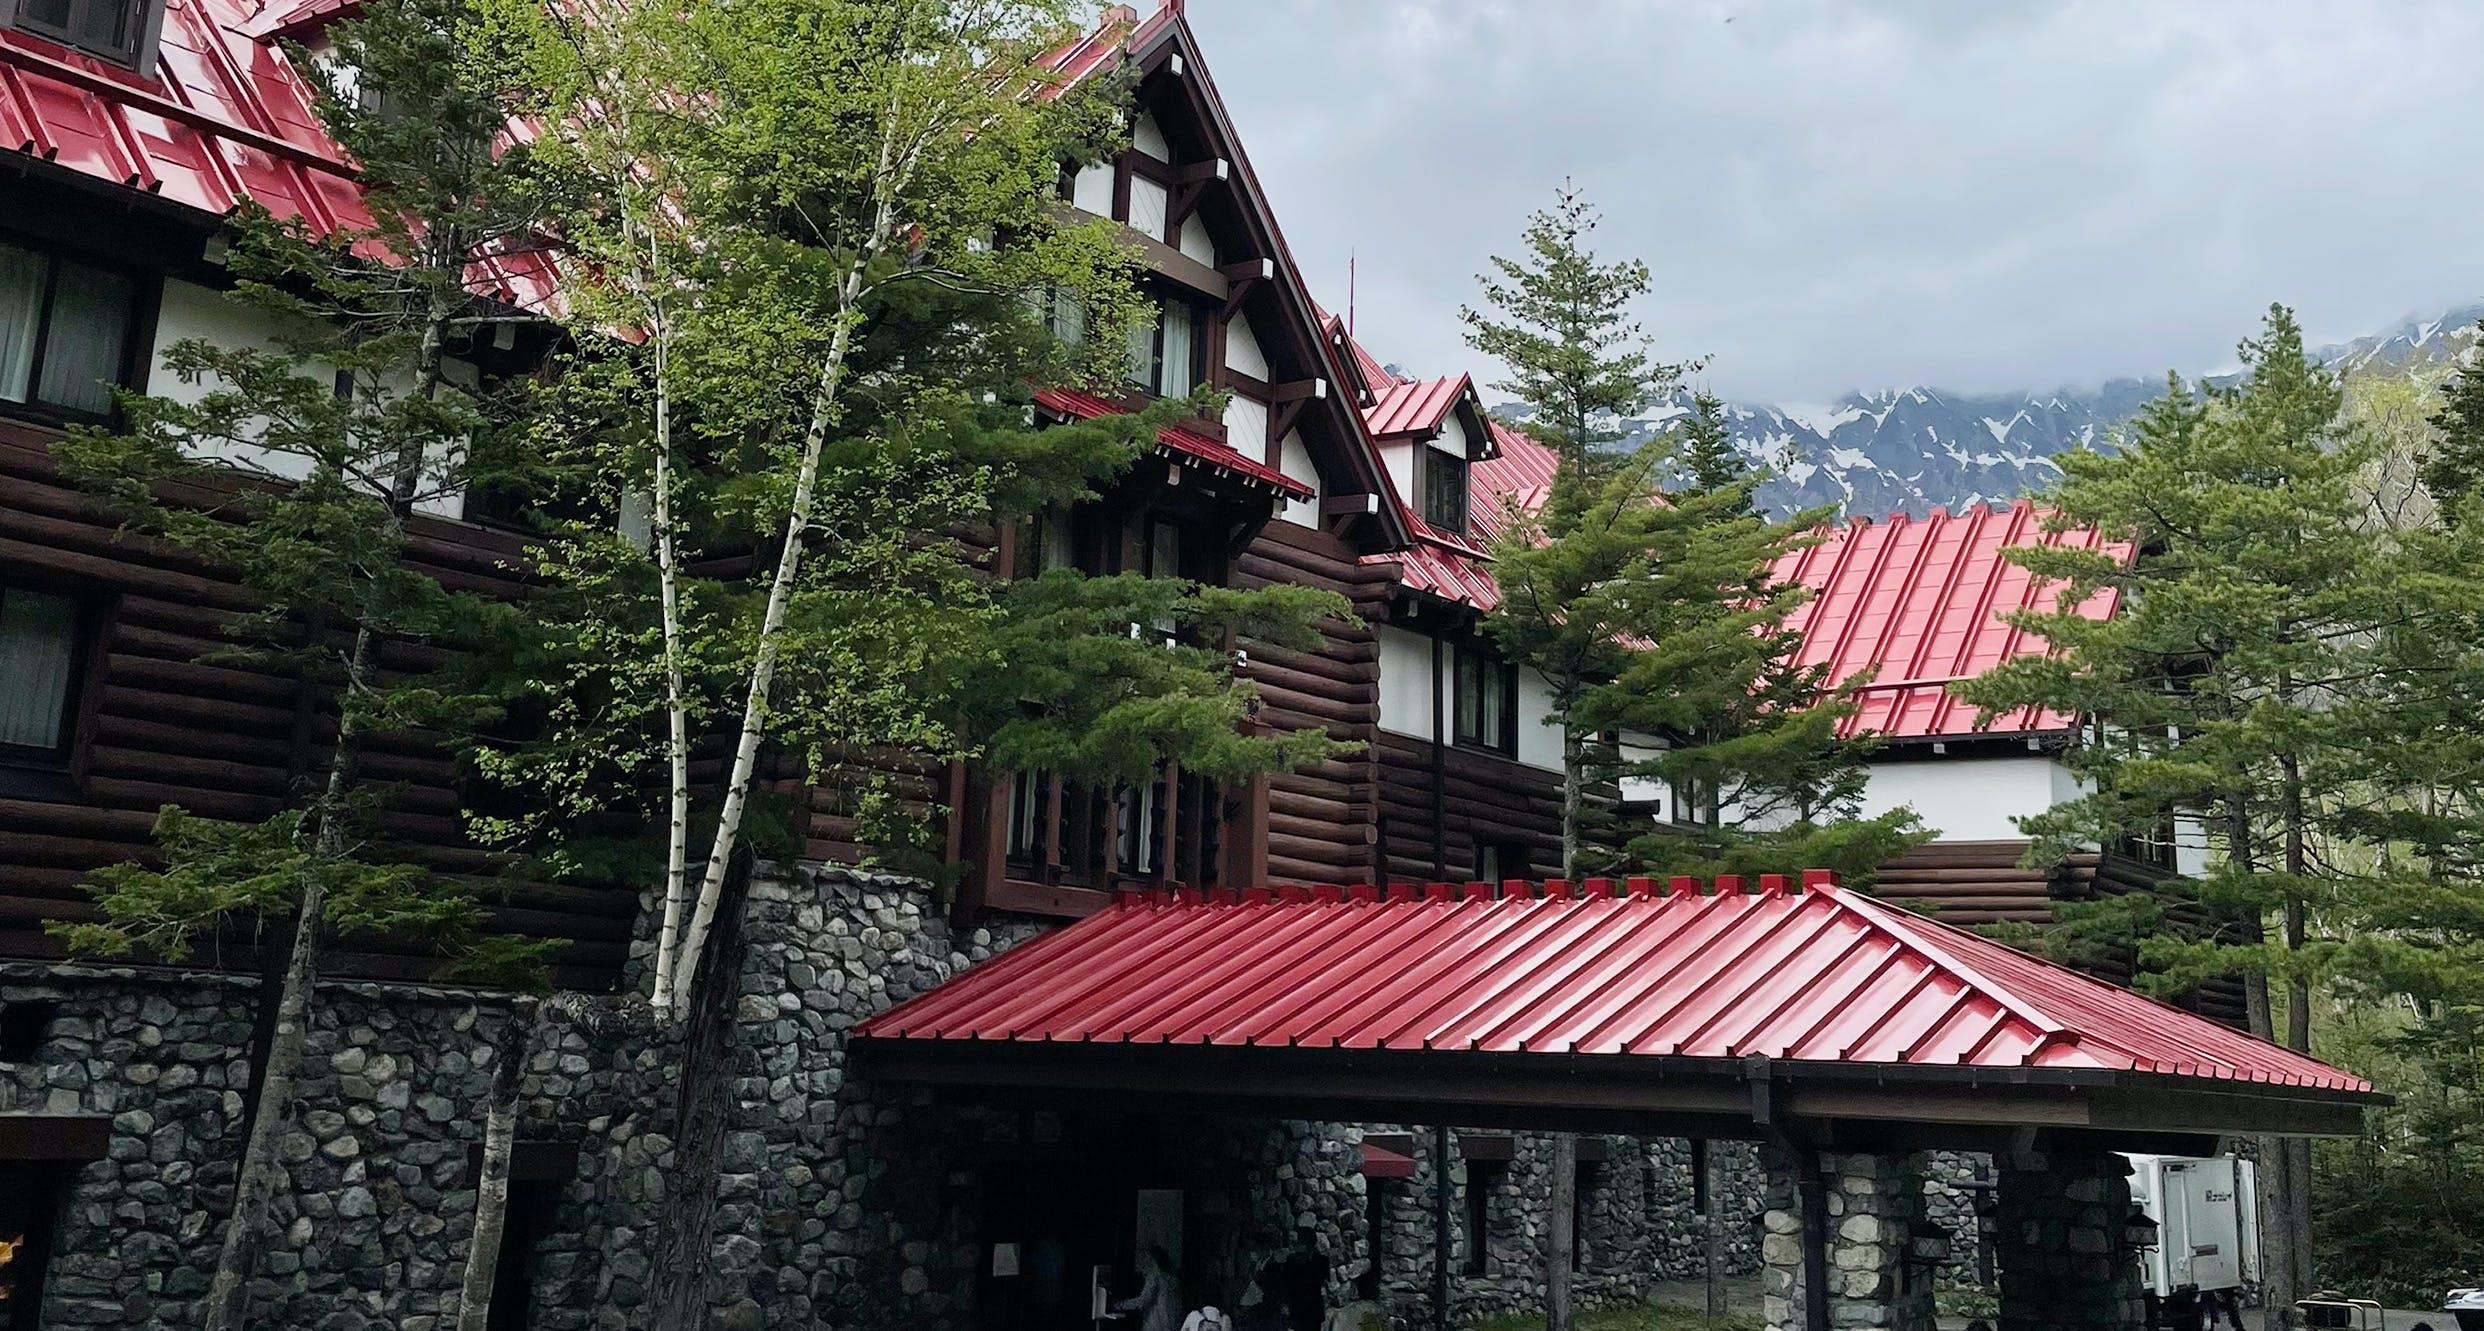 【滞在記】「上高地帝国ホテル」で自然と美食をマッキー牧元が体験!